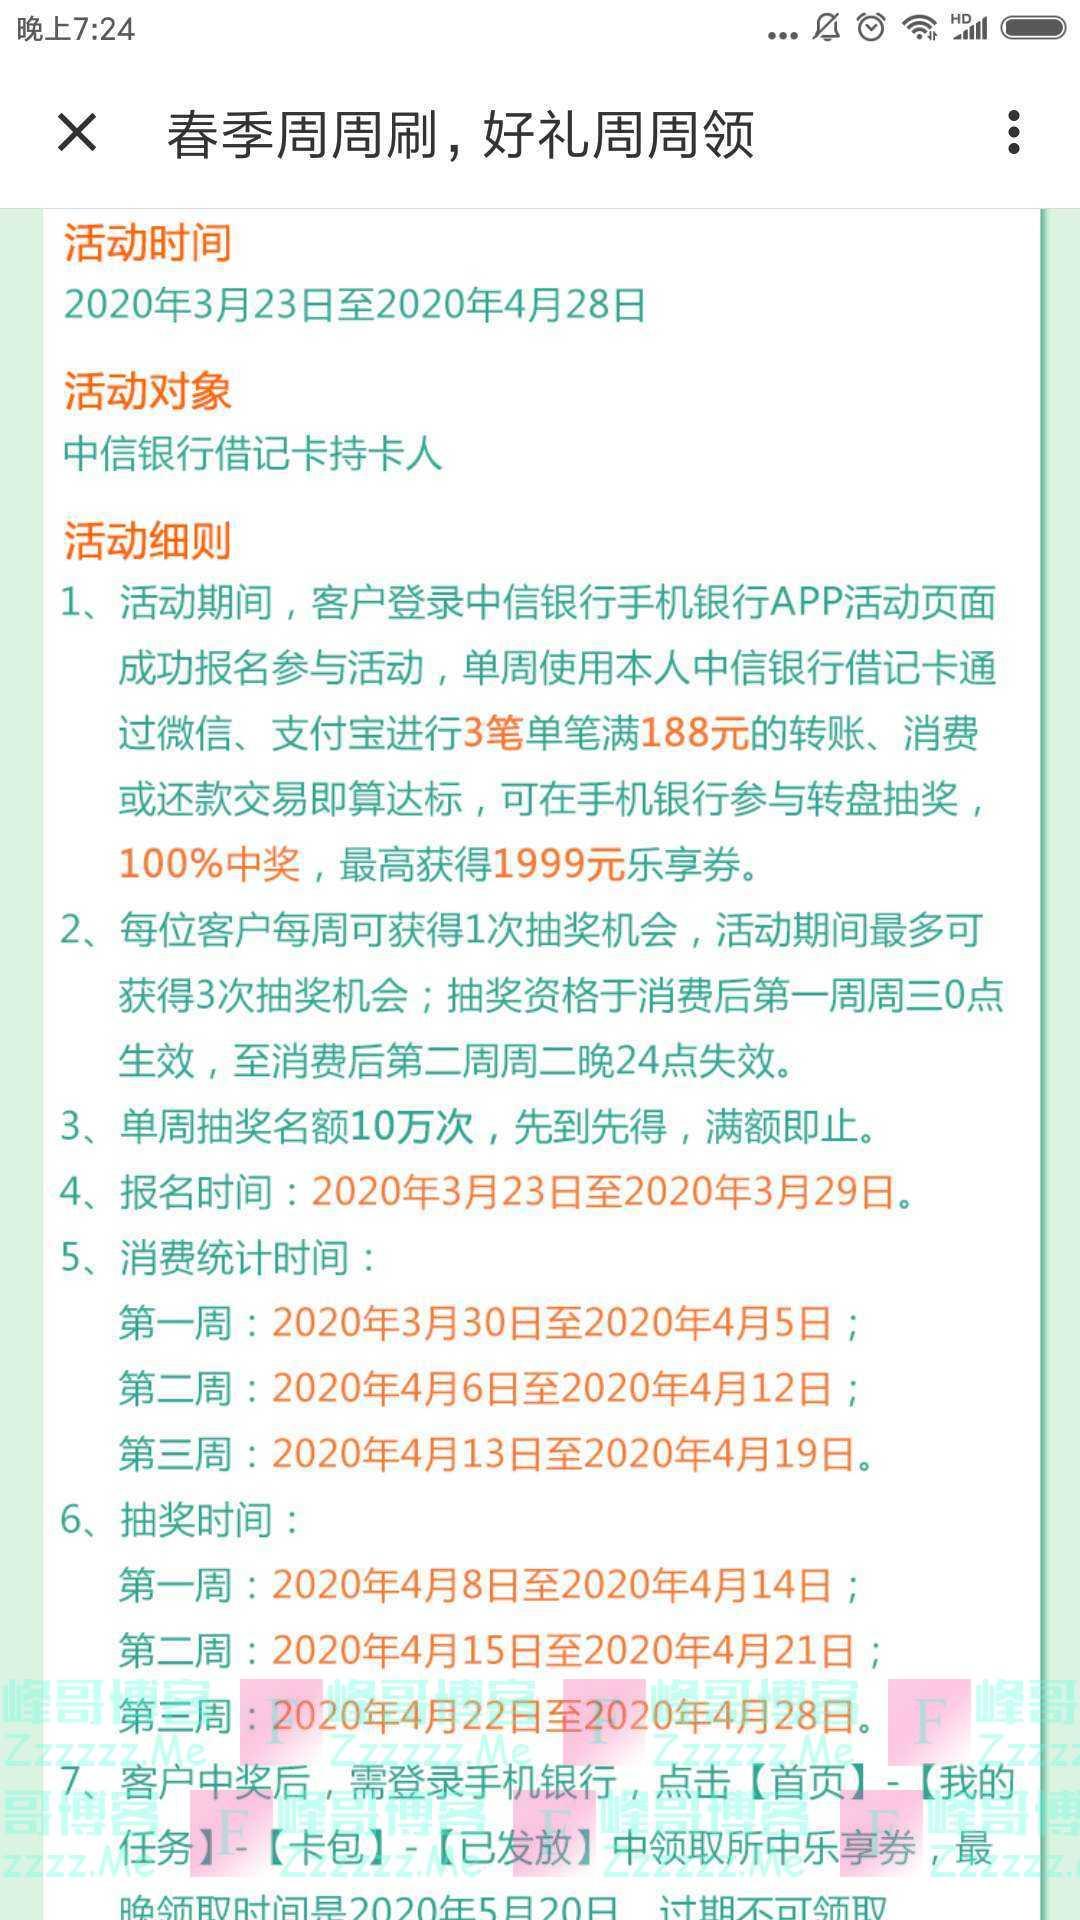 中信银行春节周周刷 好礼周周领(截止4月28日)